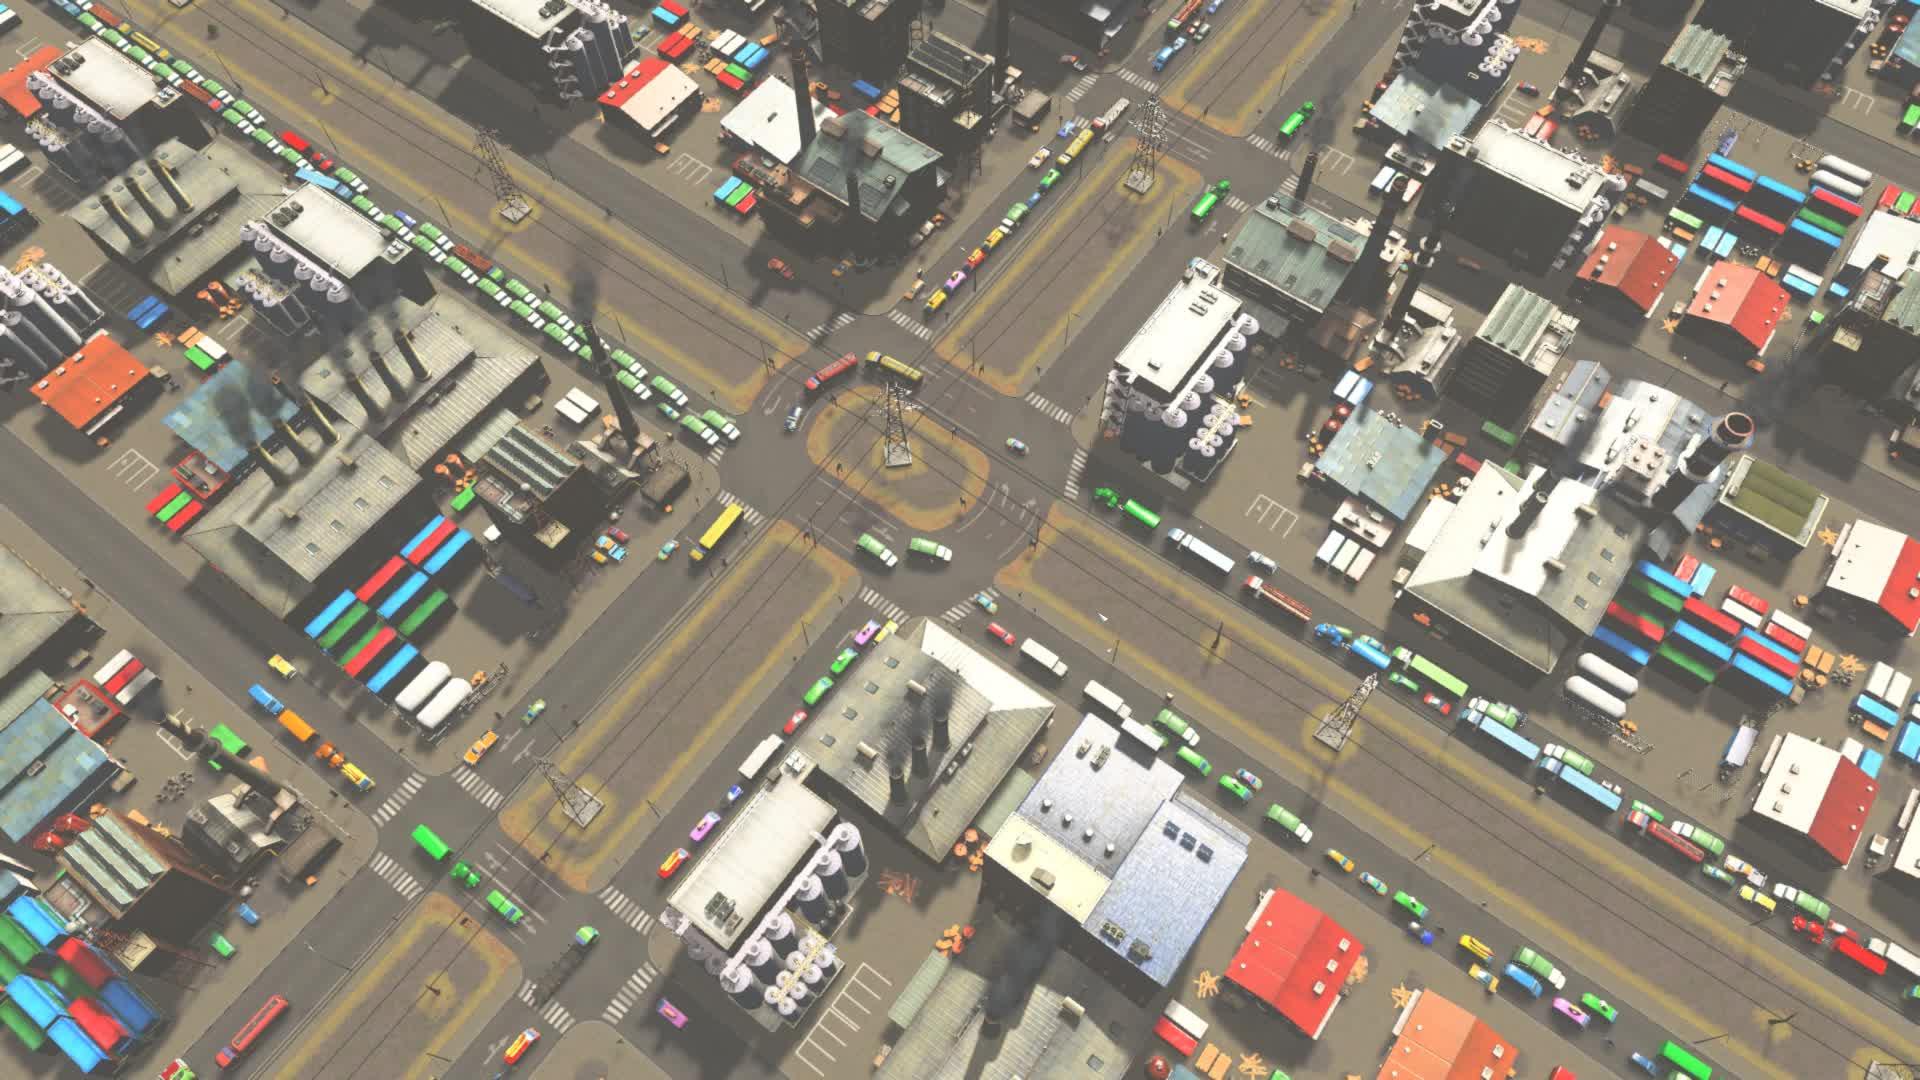 citiesskylines, Cities Skylines 2018.06.13 - 16.27.39.08 GIFs